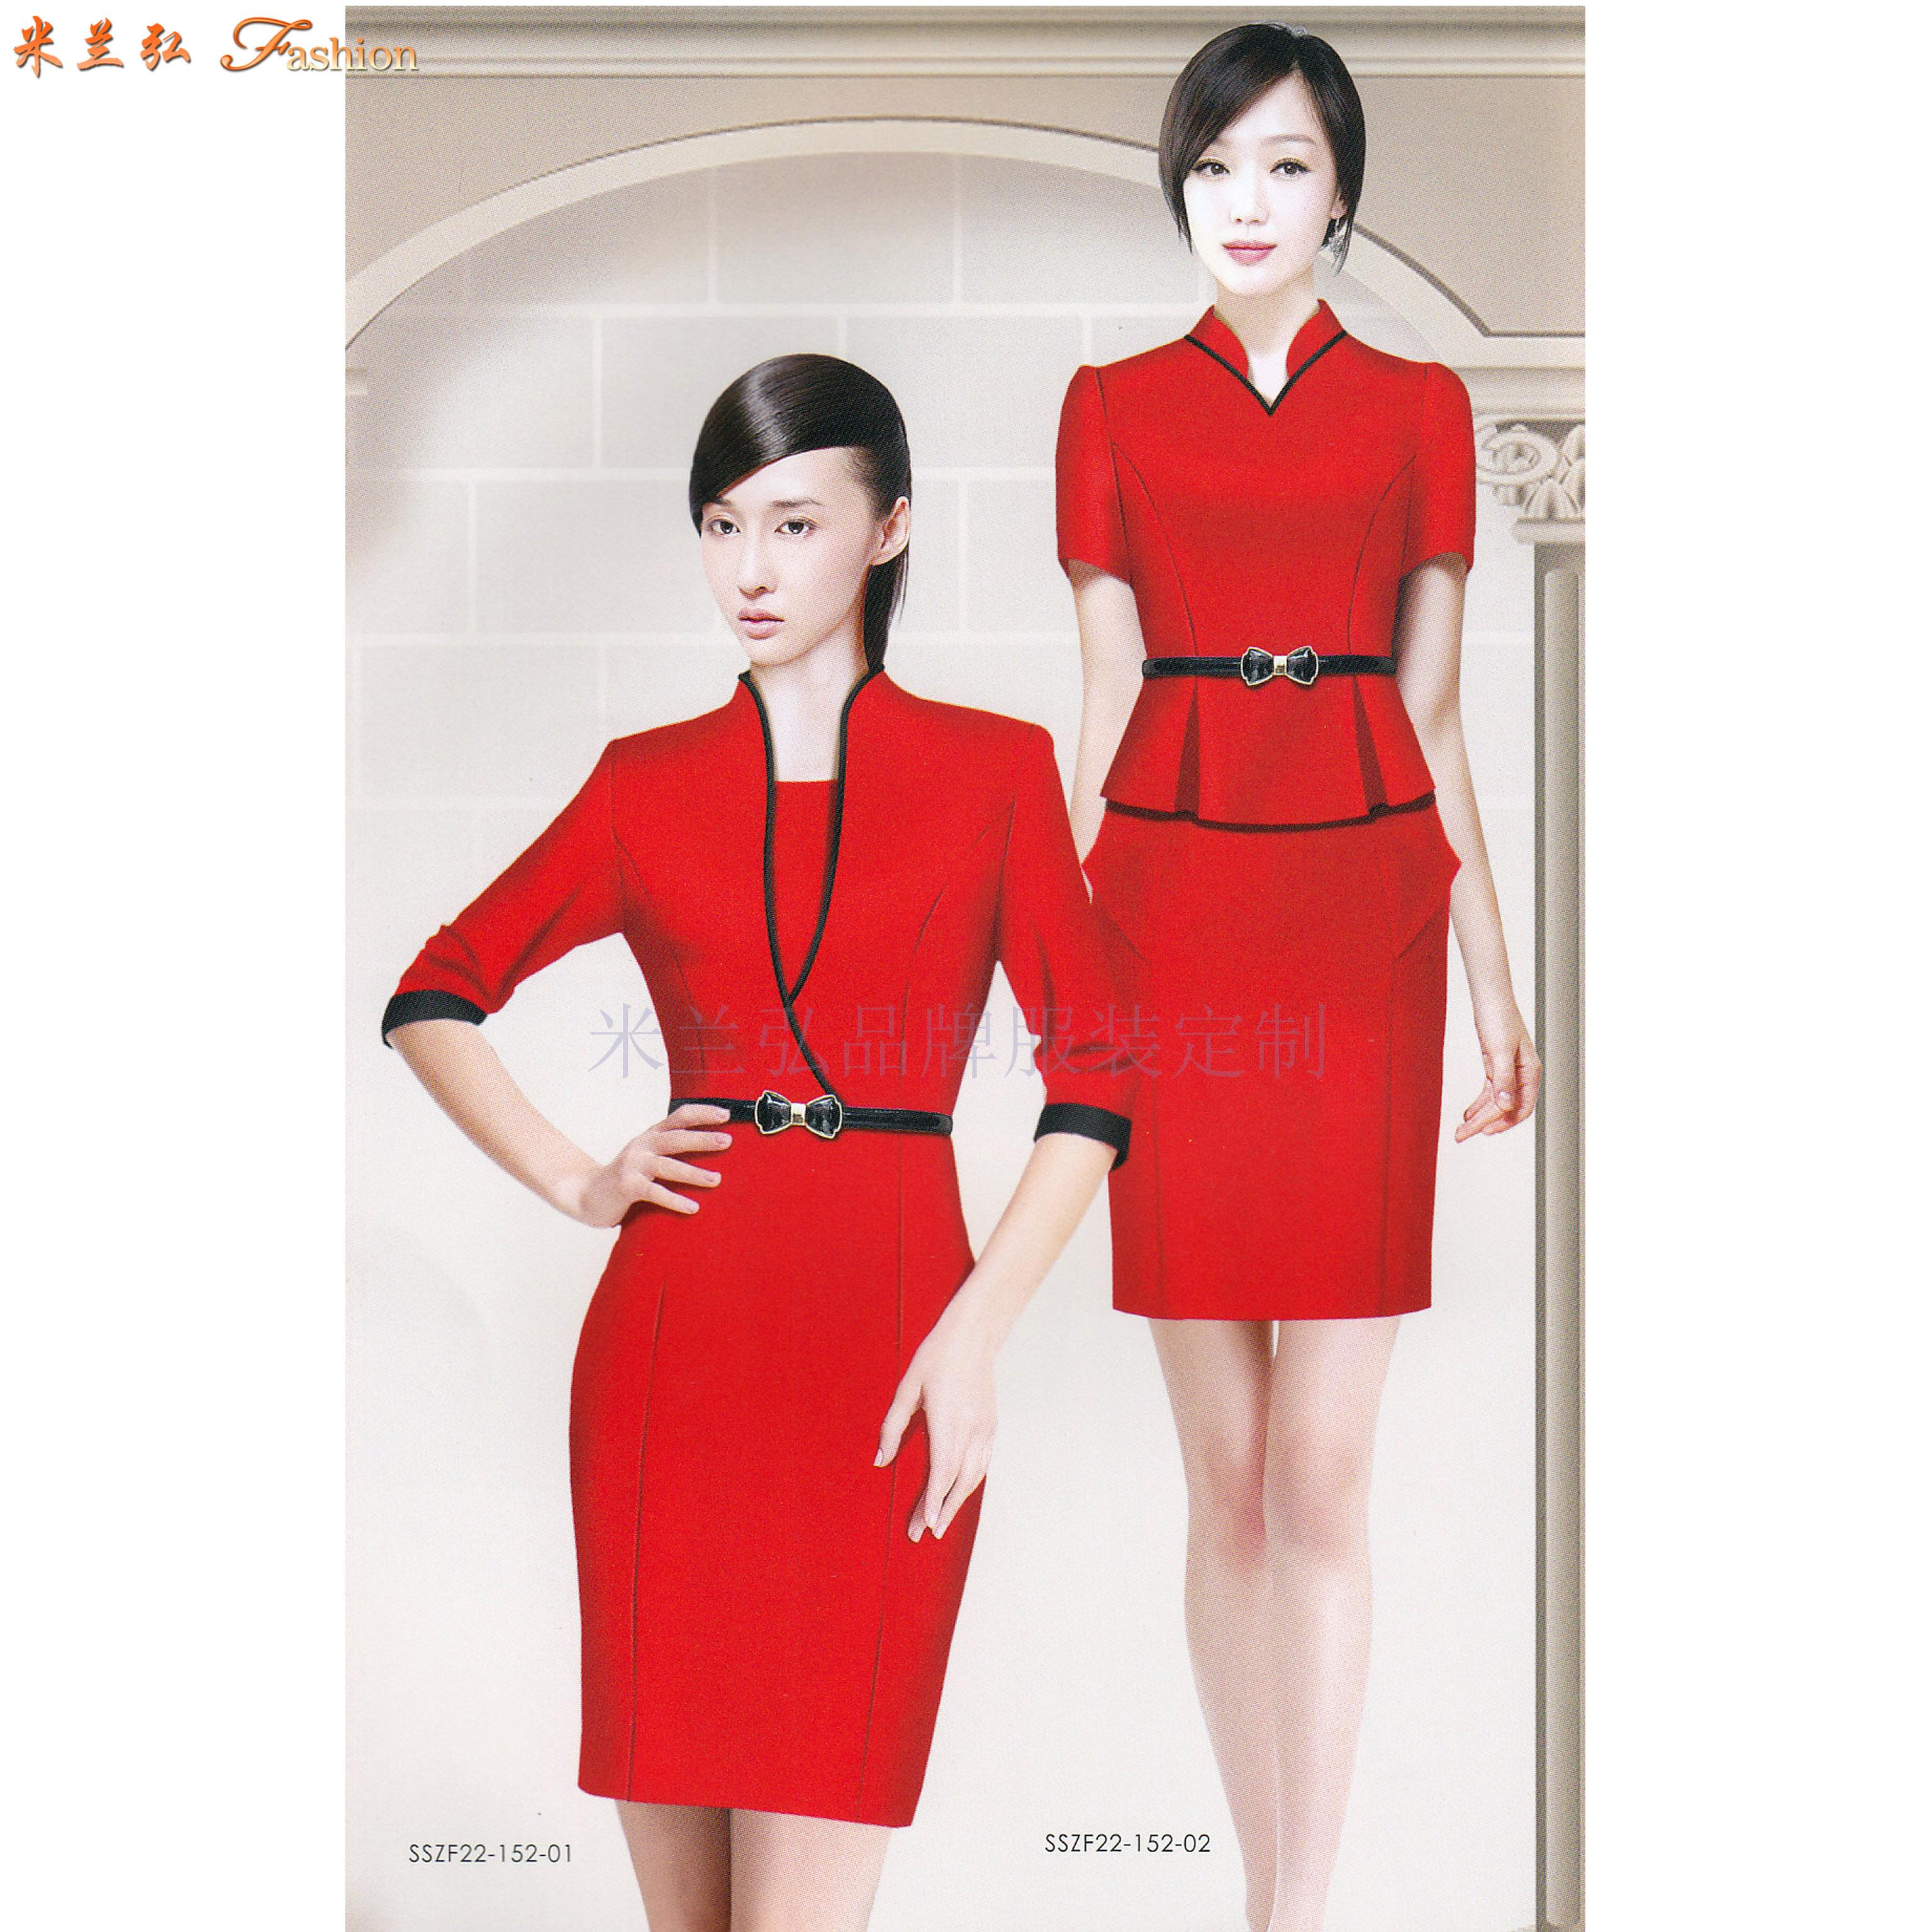 「地鐵制服」專業定做式樣時髦地鐵工作制服套裝-米蘭弘服裝-5